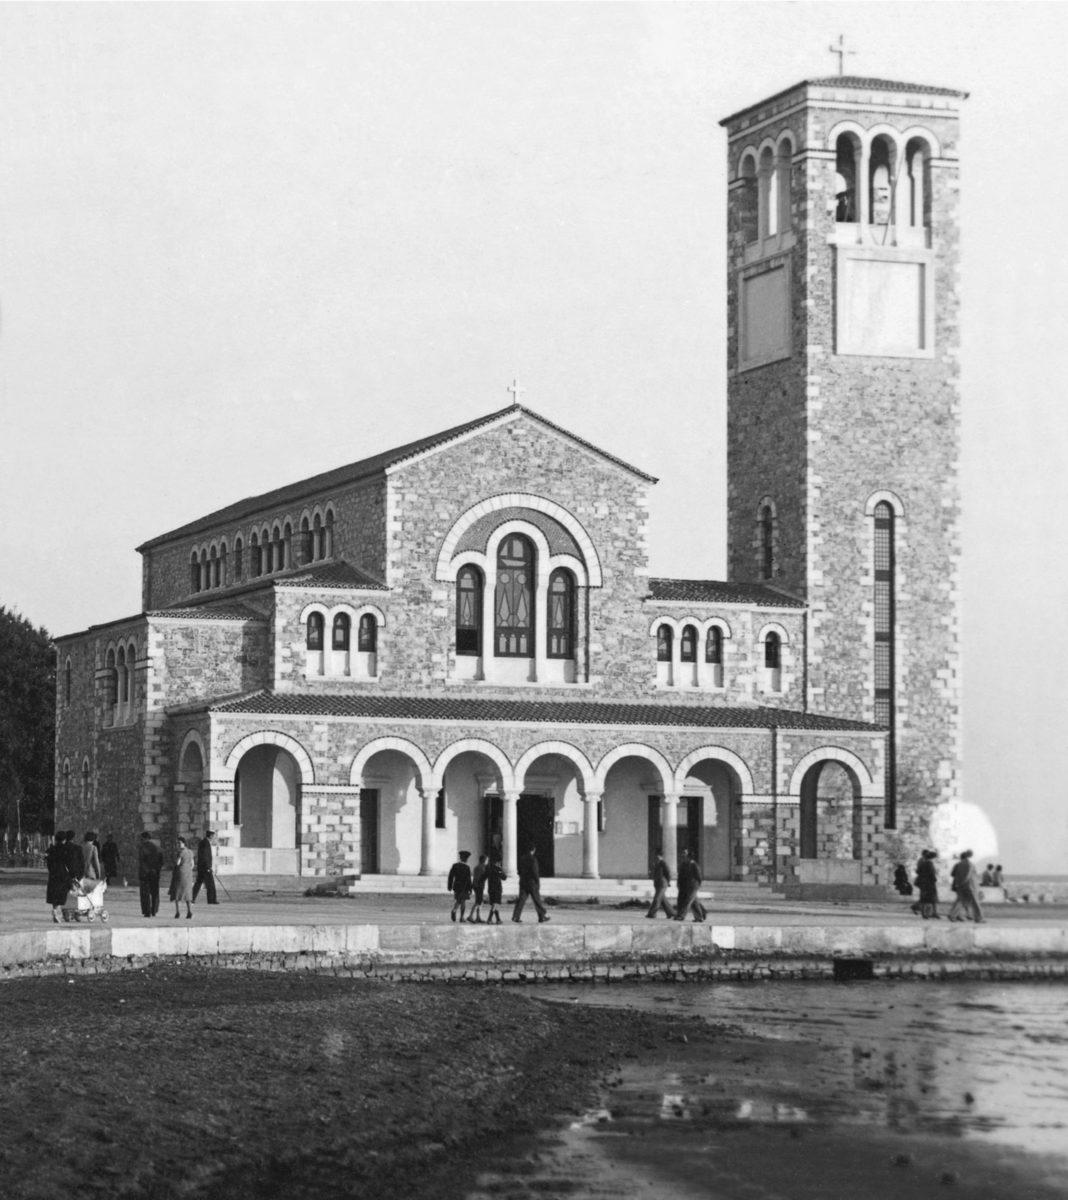 Εικ. 10α. Η βασιλική του Αγίου Κωνσταντίνου στον Βόλο, 1930-1936, αρχιτέκτων Α. Ζάχος. Φωτογραφία Ζημέρη – Αρχείο Δημοτικού Κέντρου Ιστορίας και Τεκμηρίωσης Βόλου.